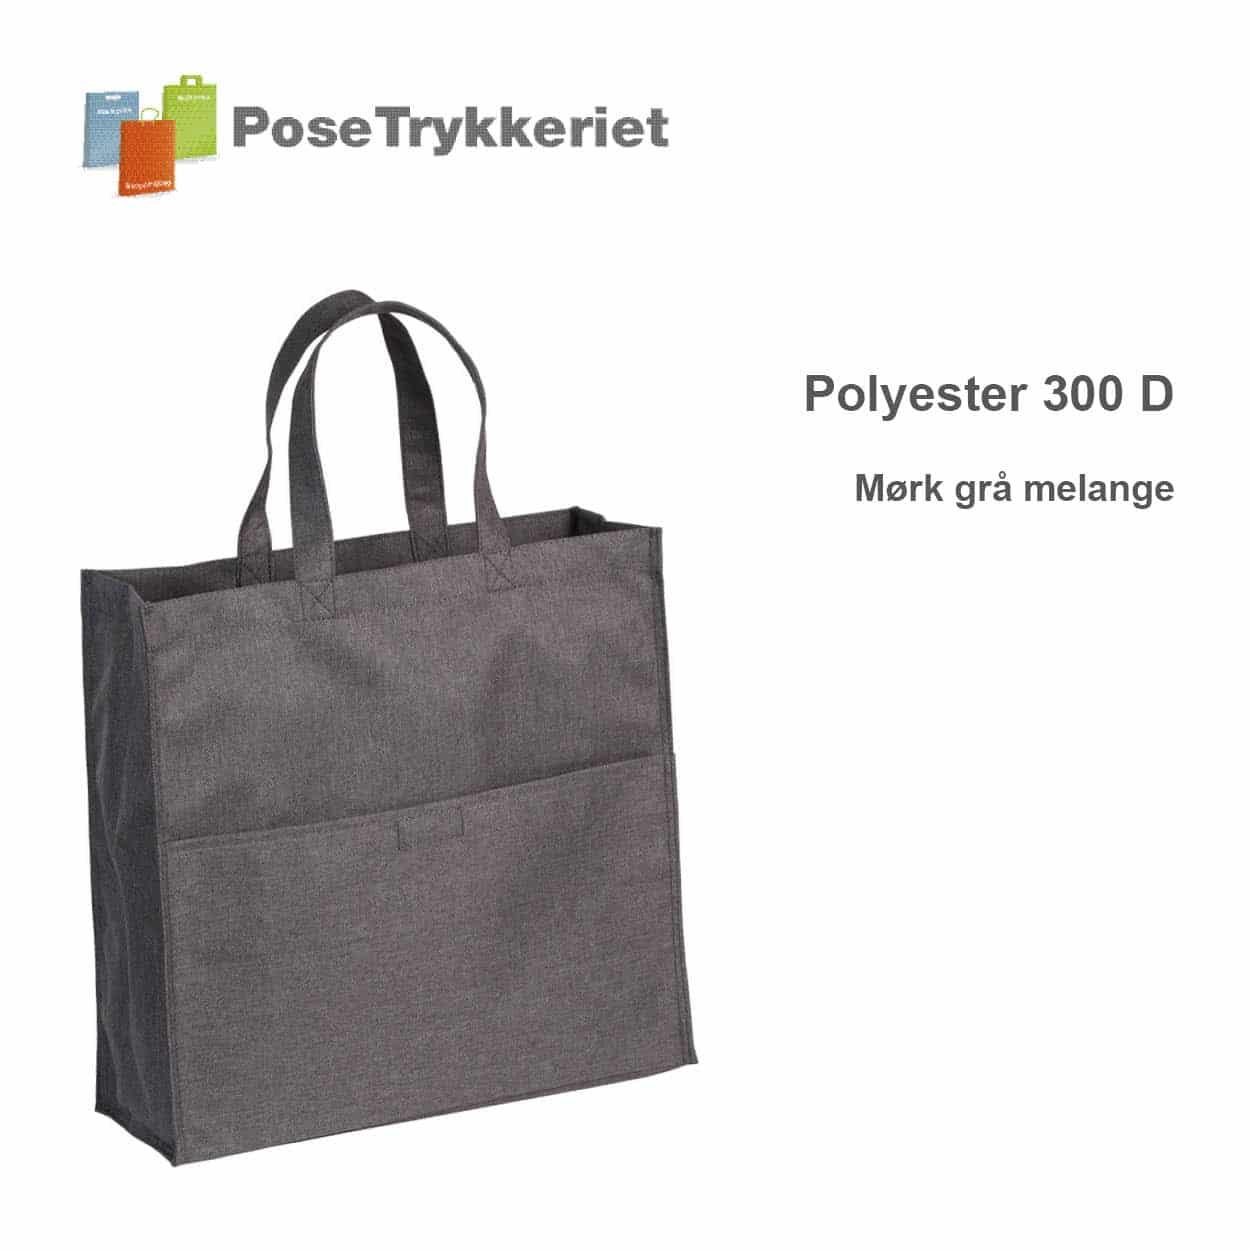 Revisor poser polyester 600D. Mørk grå melange, PoseTrykkeriet.dk